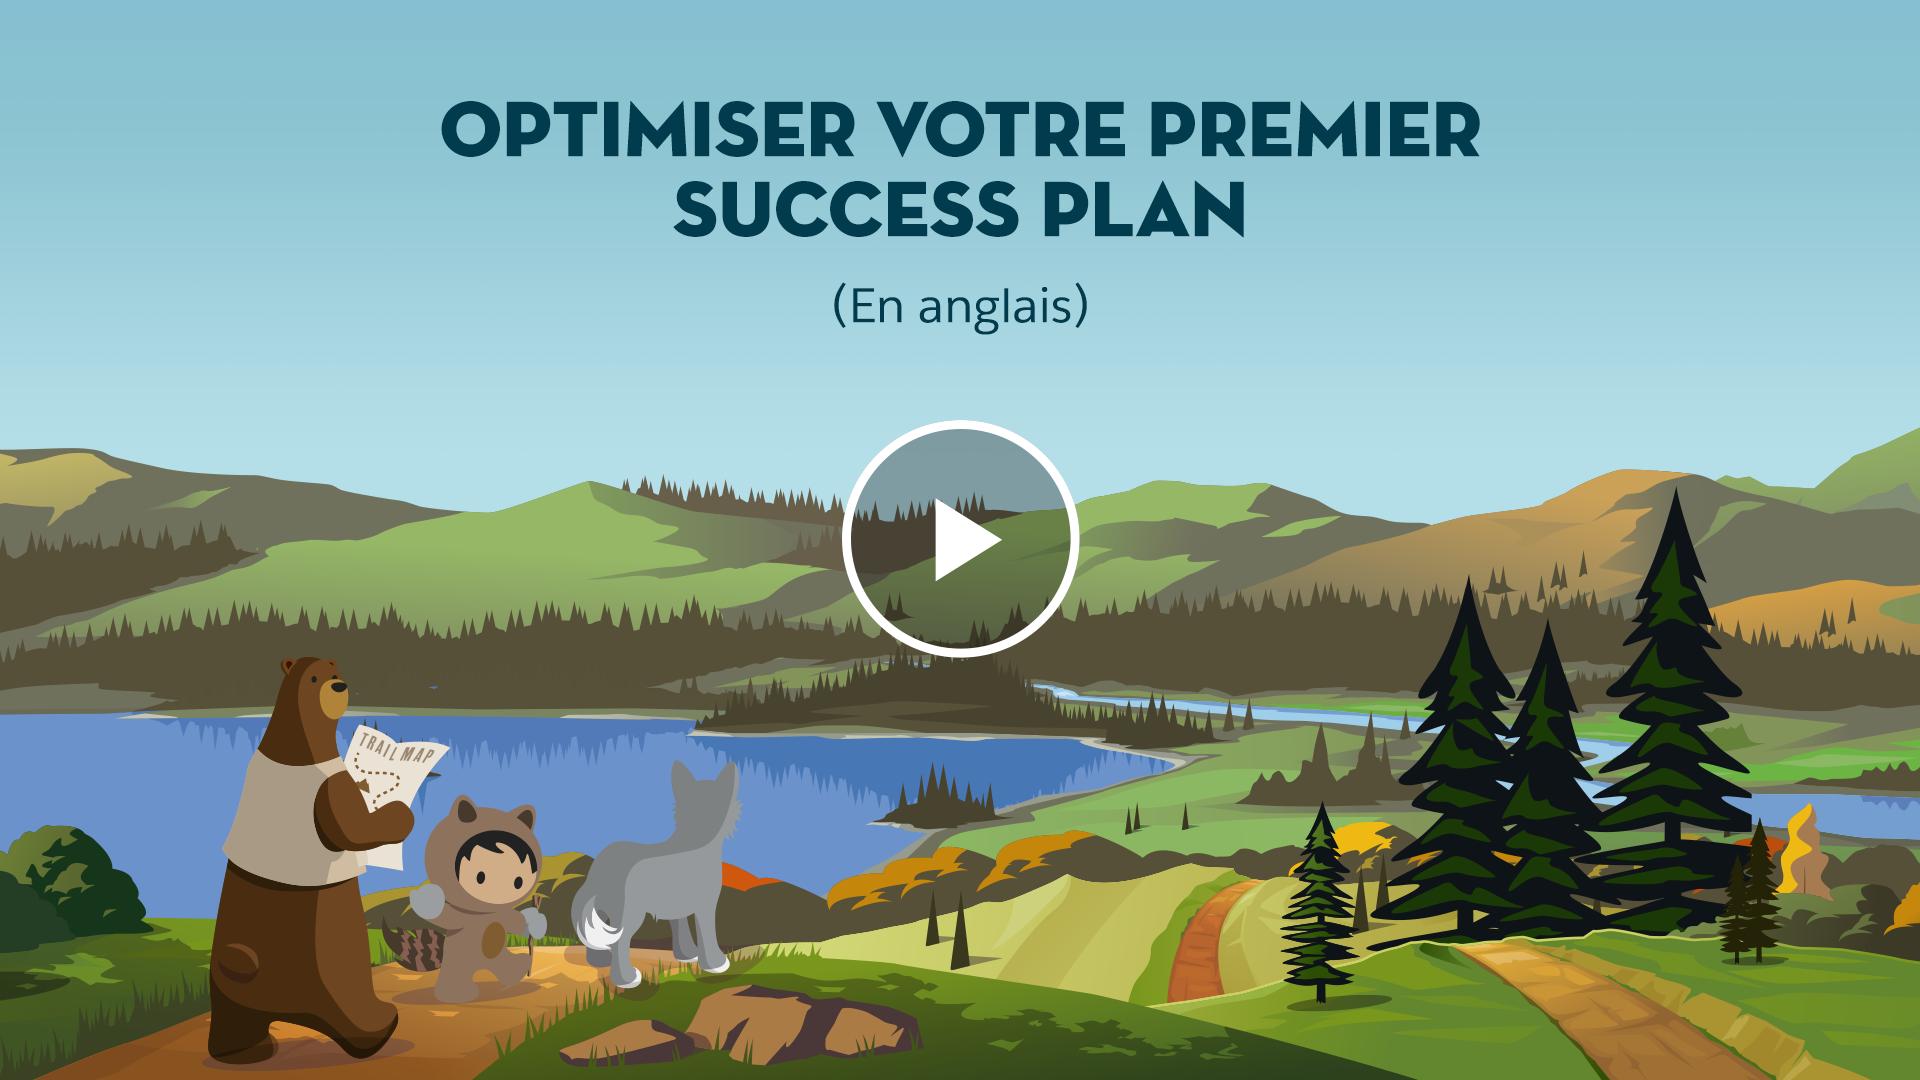 Optimiser votre PremierSuccessPlan (En anglais)